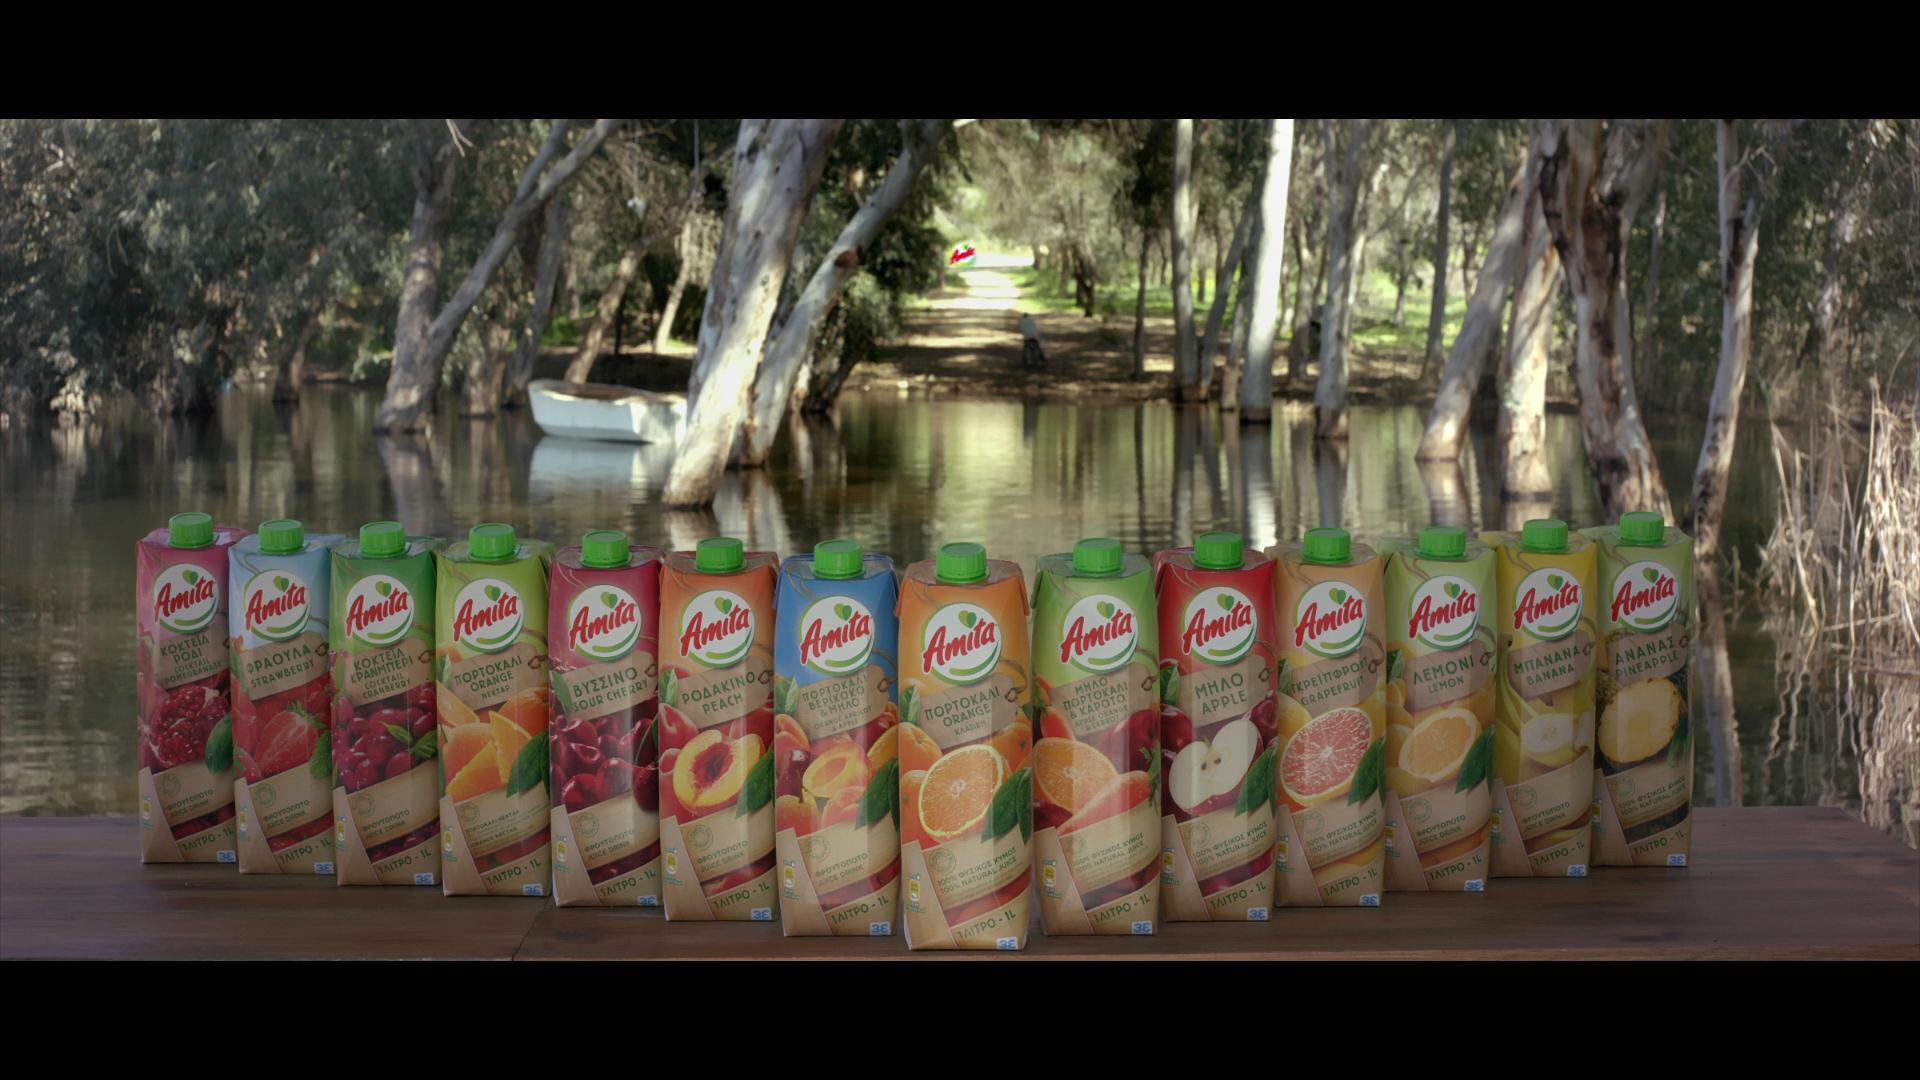 Amita - 14 Delightful flavors - 02